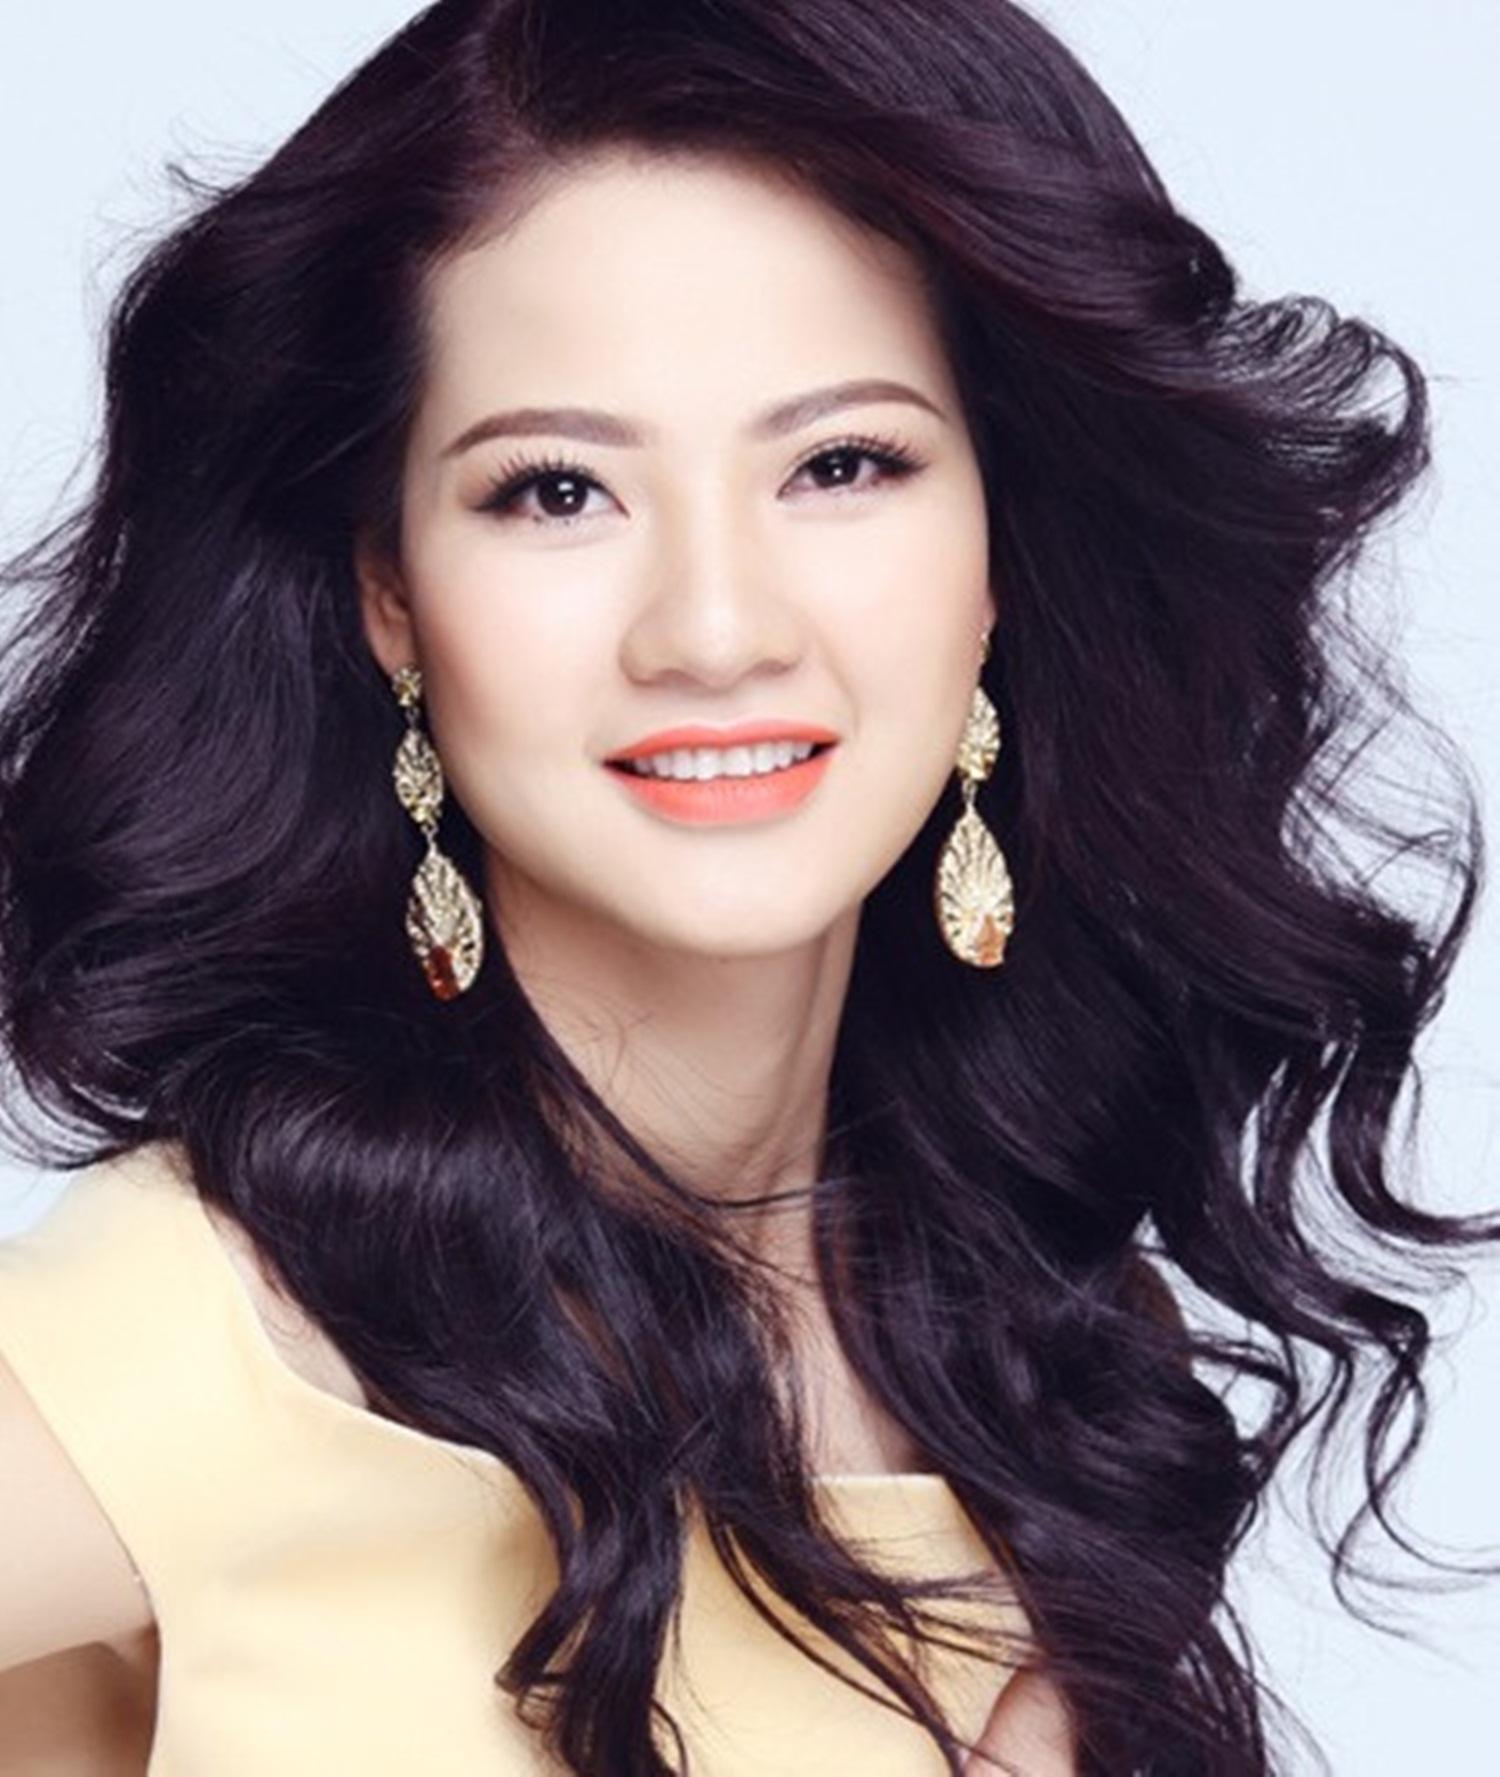 Từng là cầu thủ bóng chuyền chuyên nghiệp nhưng nhờ sự động viên của cô giáo nên Trần Thị Quỳnh đã tự tin tham gia cuộc thi Hoa khôi thể thao 2007 và đăng quang ngôi vị cao nhất. Sau đó cô cũng tham gia Hoa hậu quốc tế 2009.